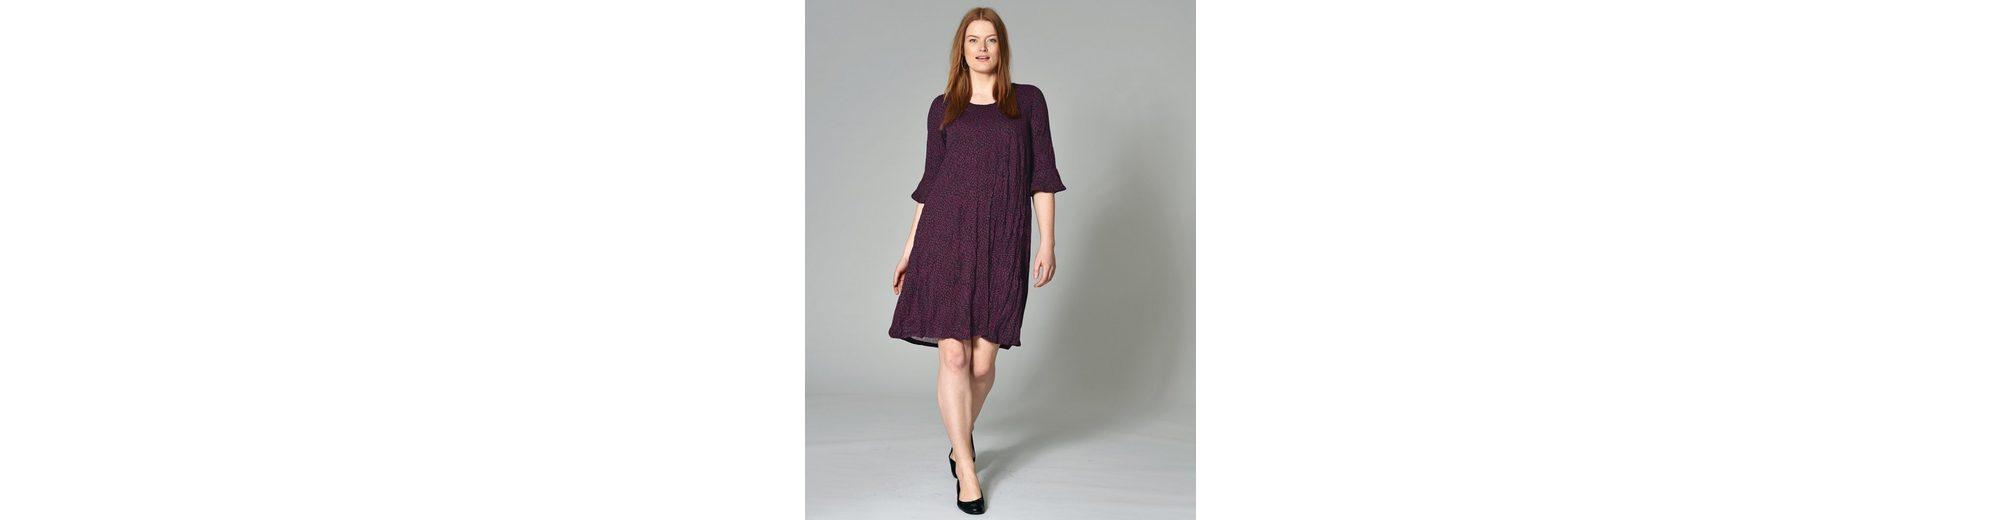 Günstiger Preis Zu Verkaufen Steckdose Freies Verschiffen Authentische Sara Lindholm by Happy Size Crash-Kleid T0SWLyj7C